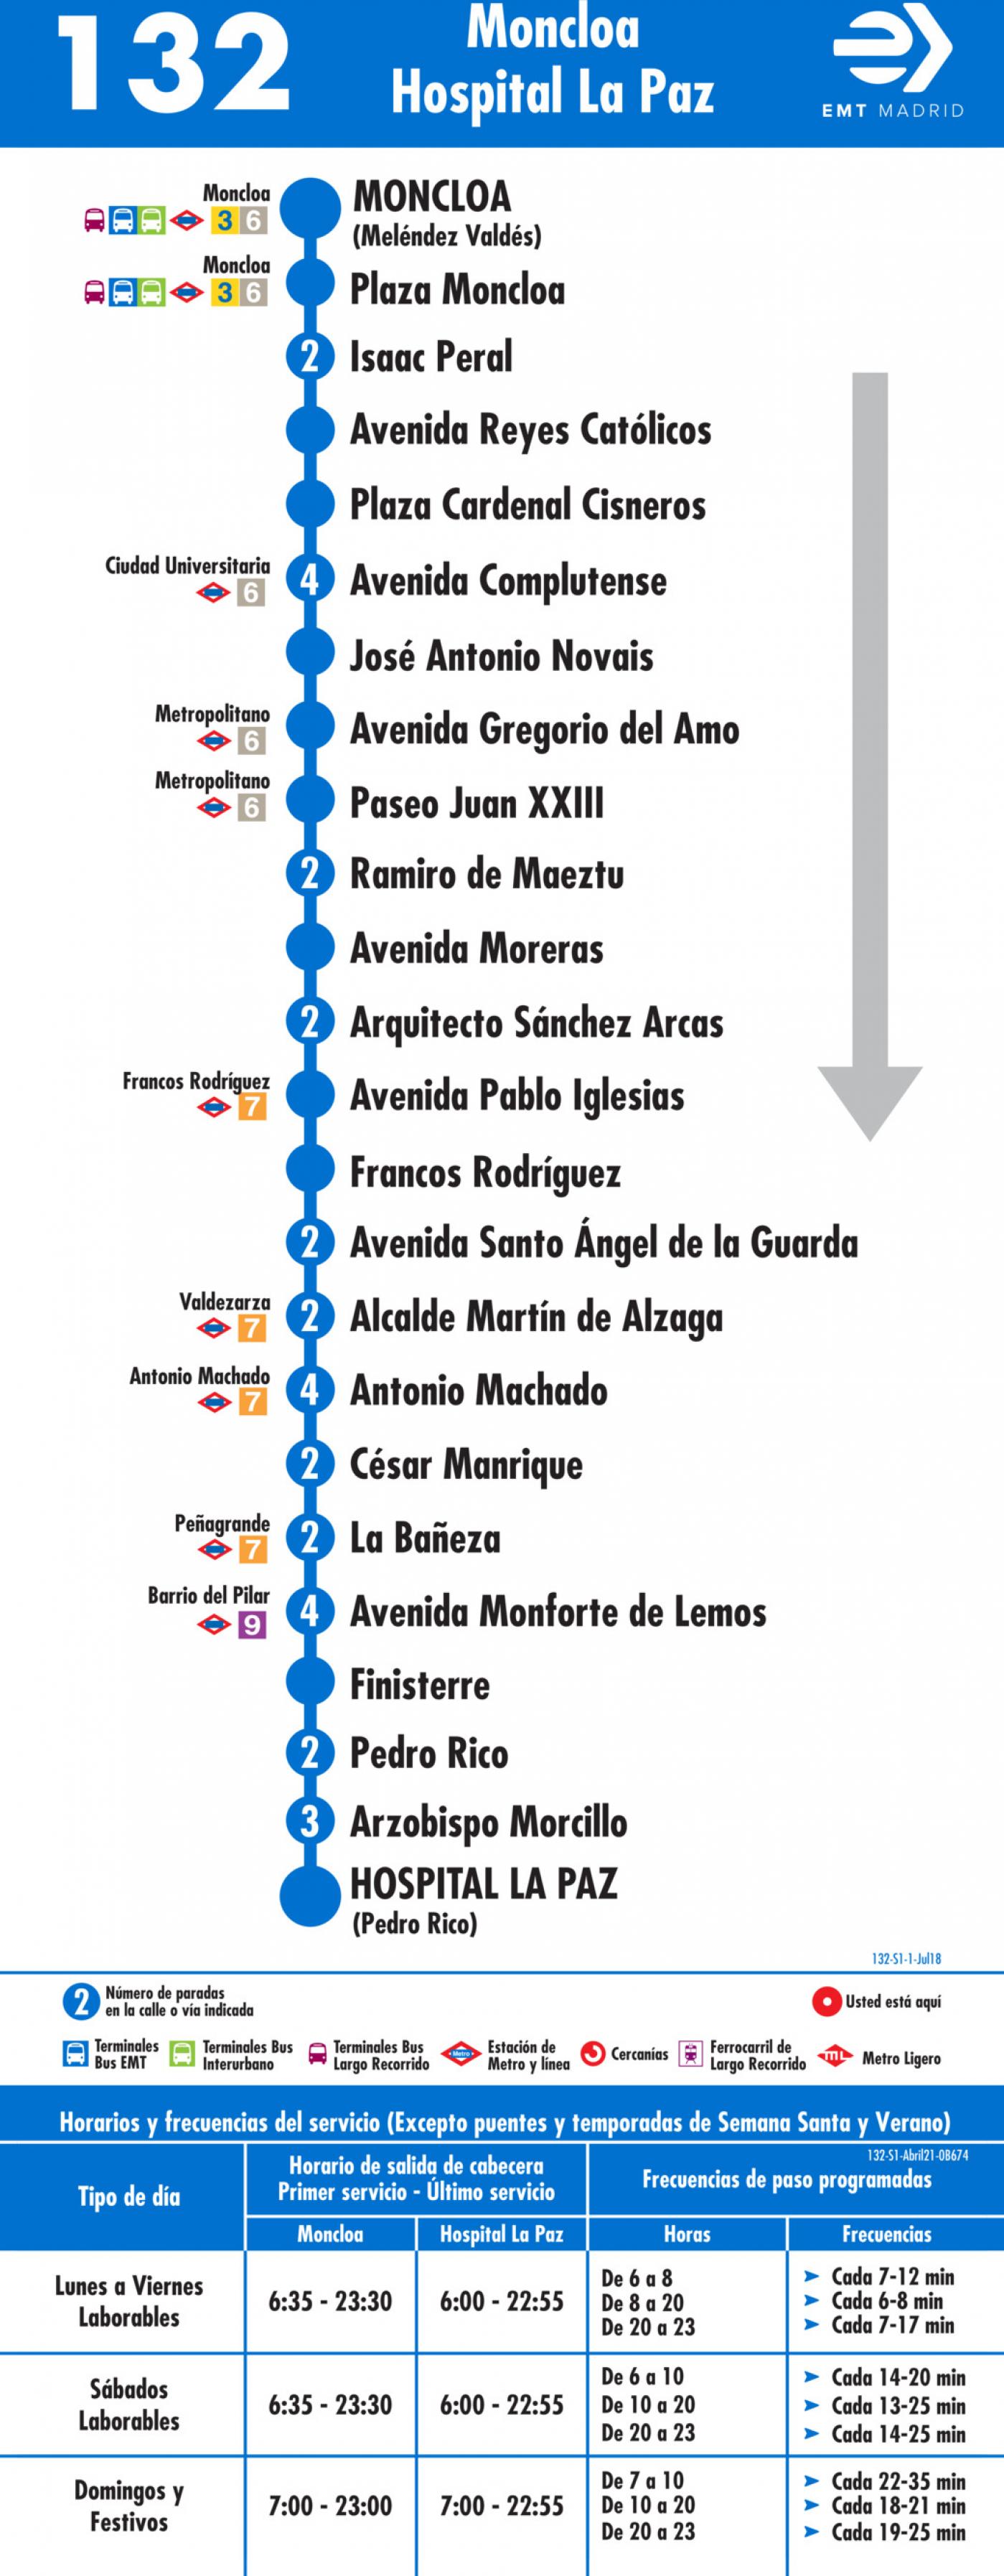 Tabla de horarios y frecuencias de paso en sentido ida Línea 132: Moncloa - Hospital la Paz